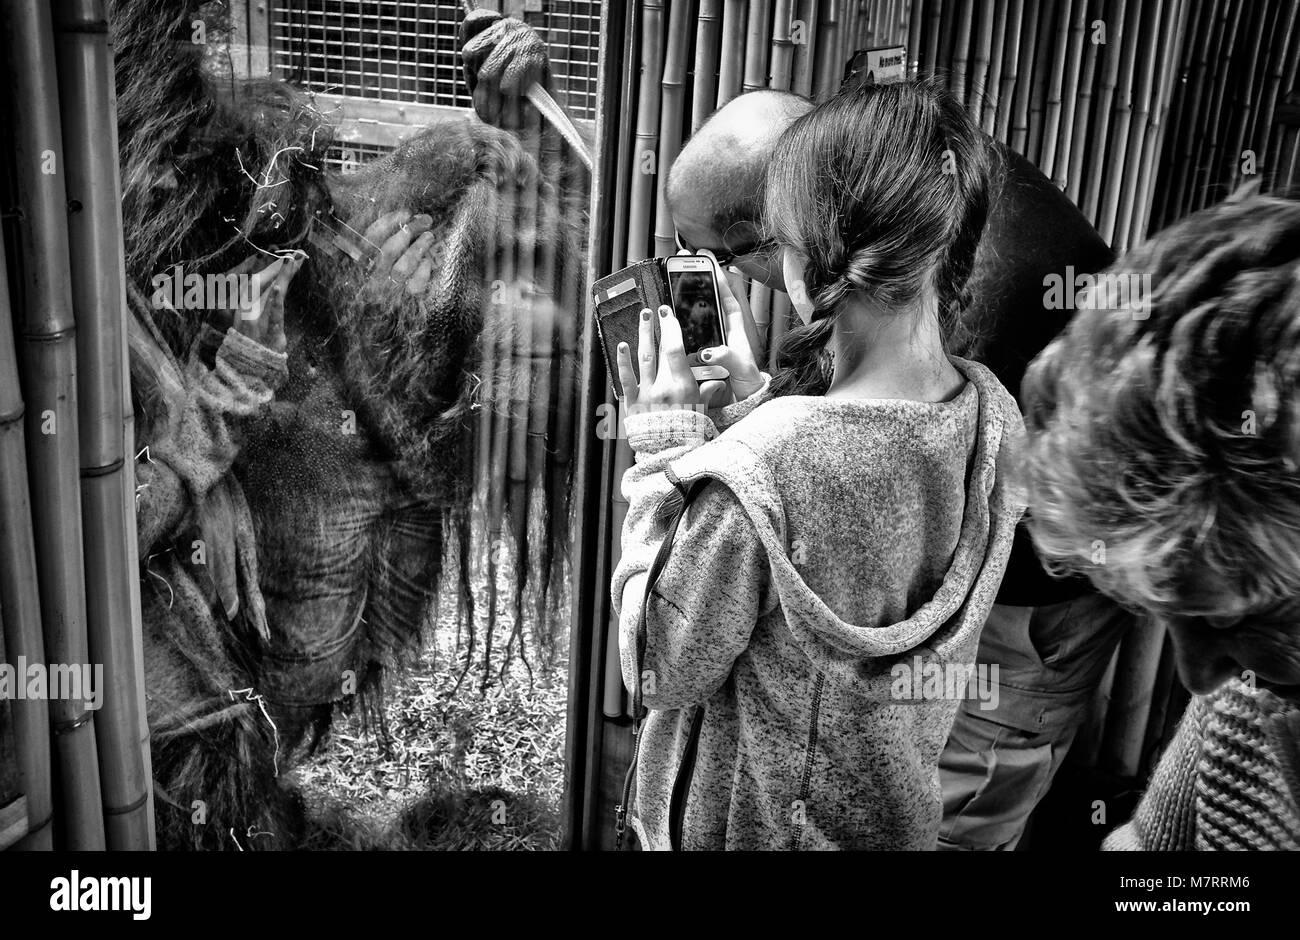 Blackpool Zoo - Stock Image